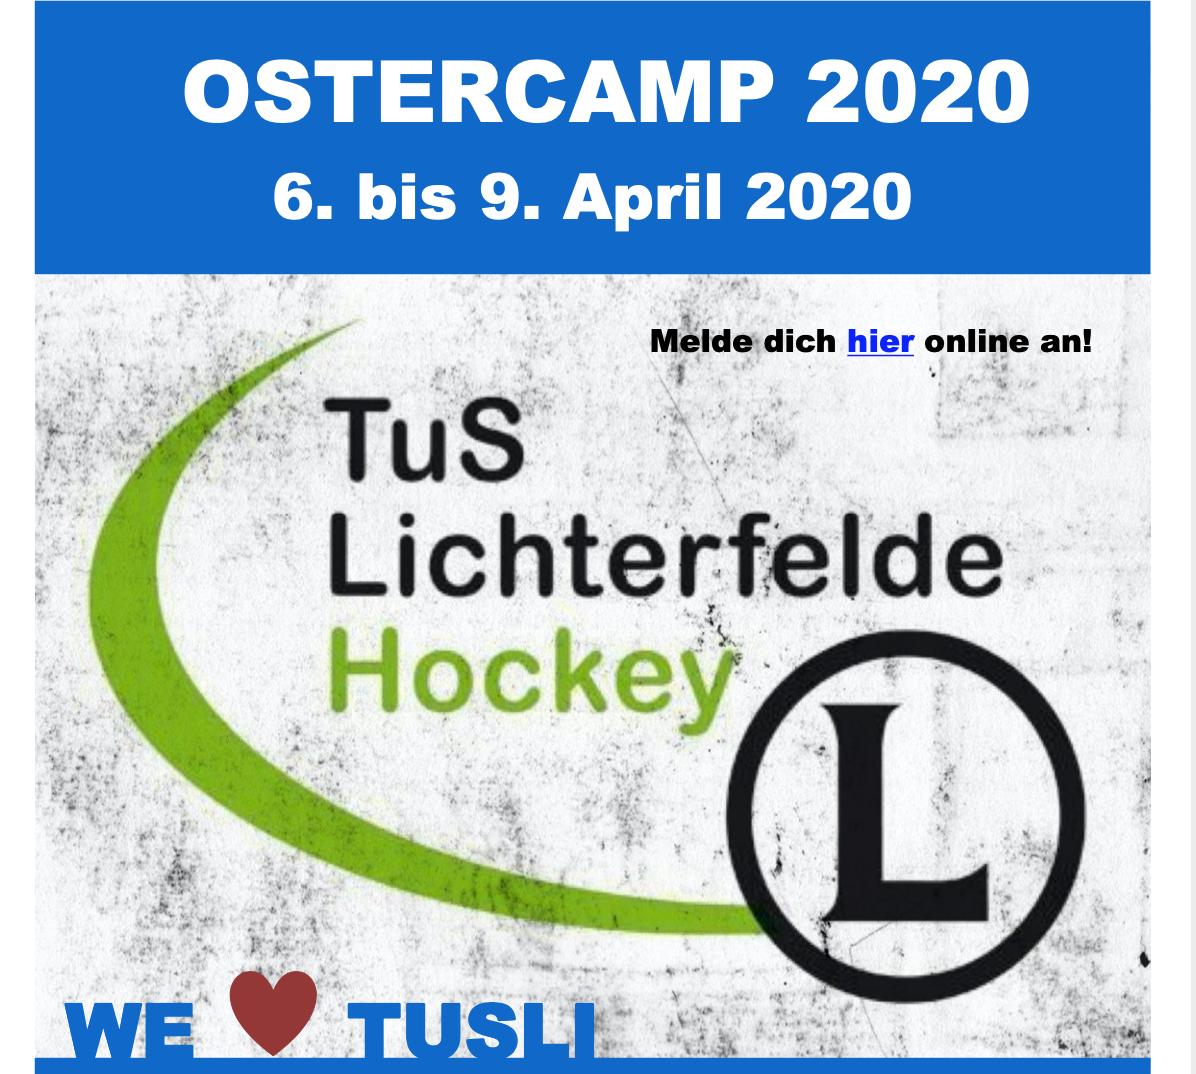 Ostercamp 2020 – seid mit dabei!